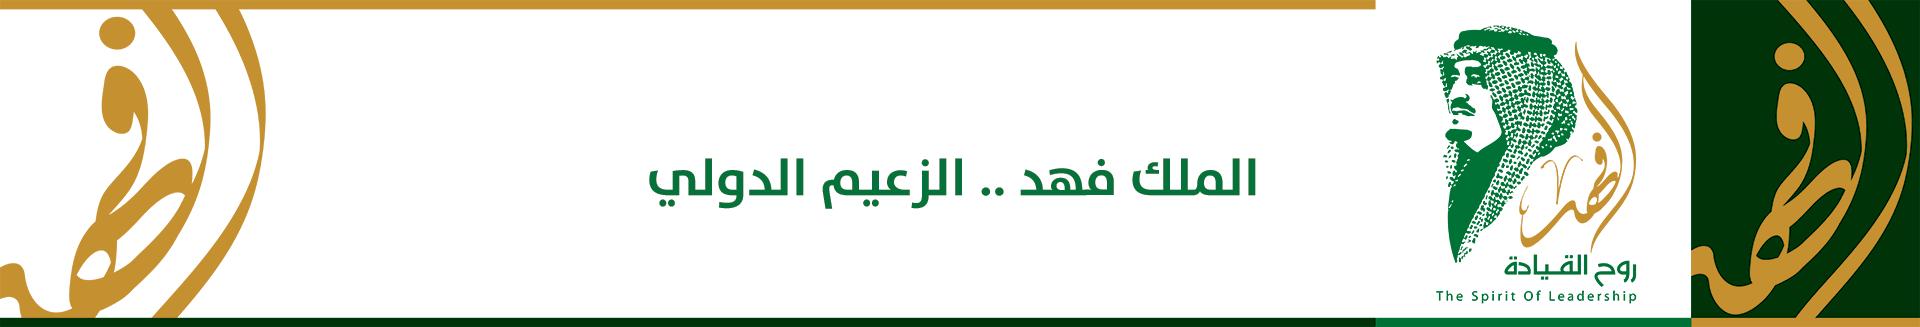 الملك فهد الزعيم الدولي